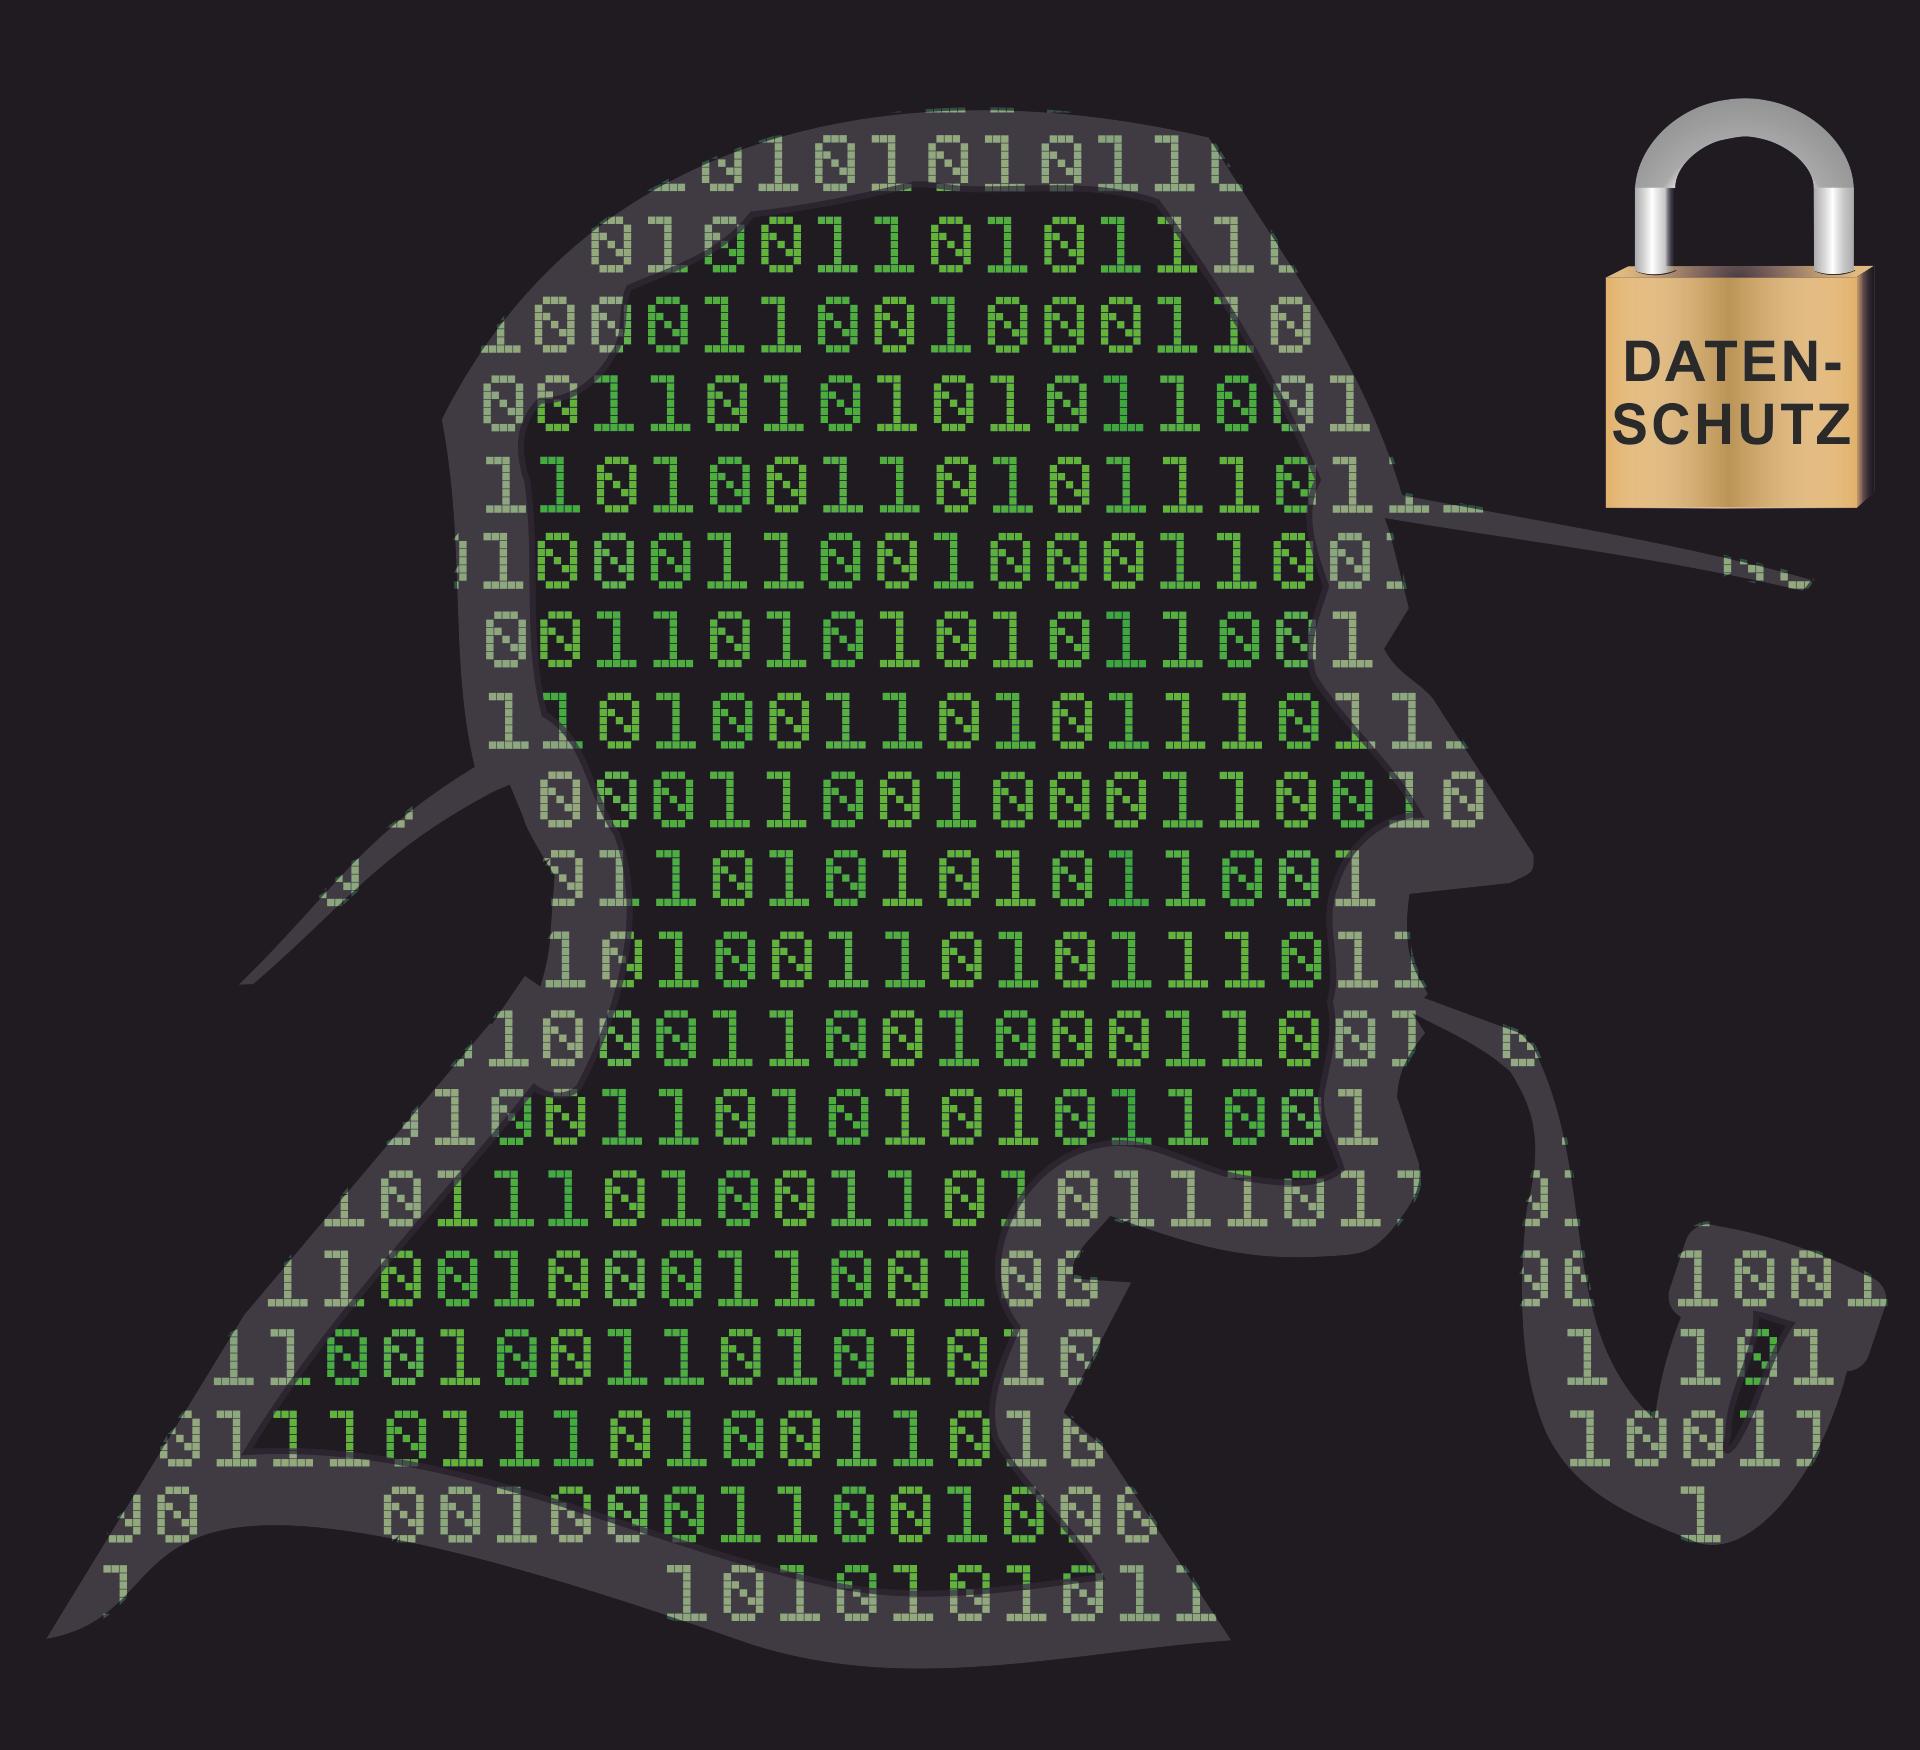 disynet Datenschutz Richtlinien